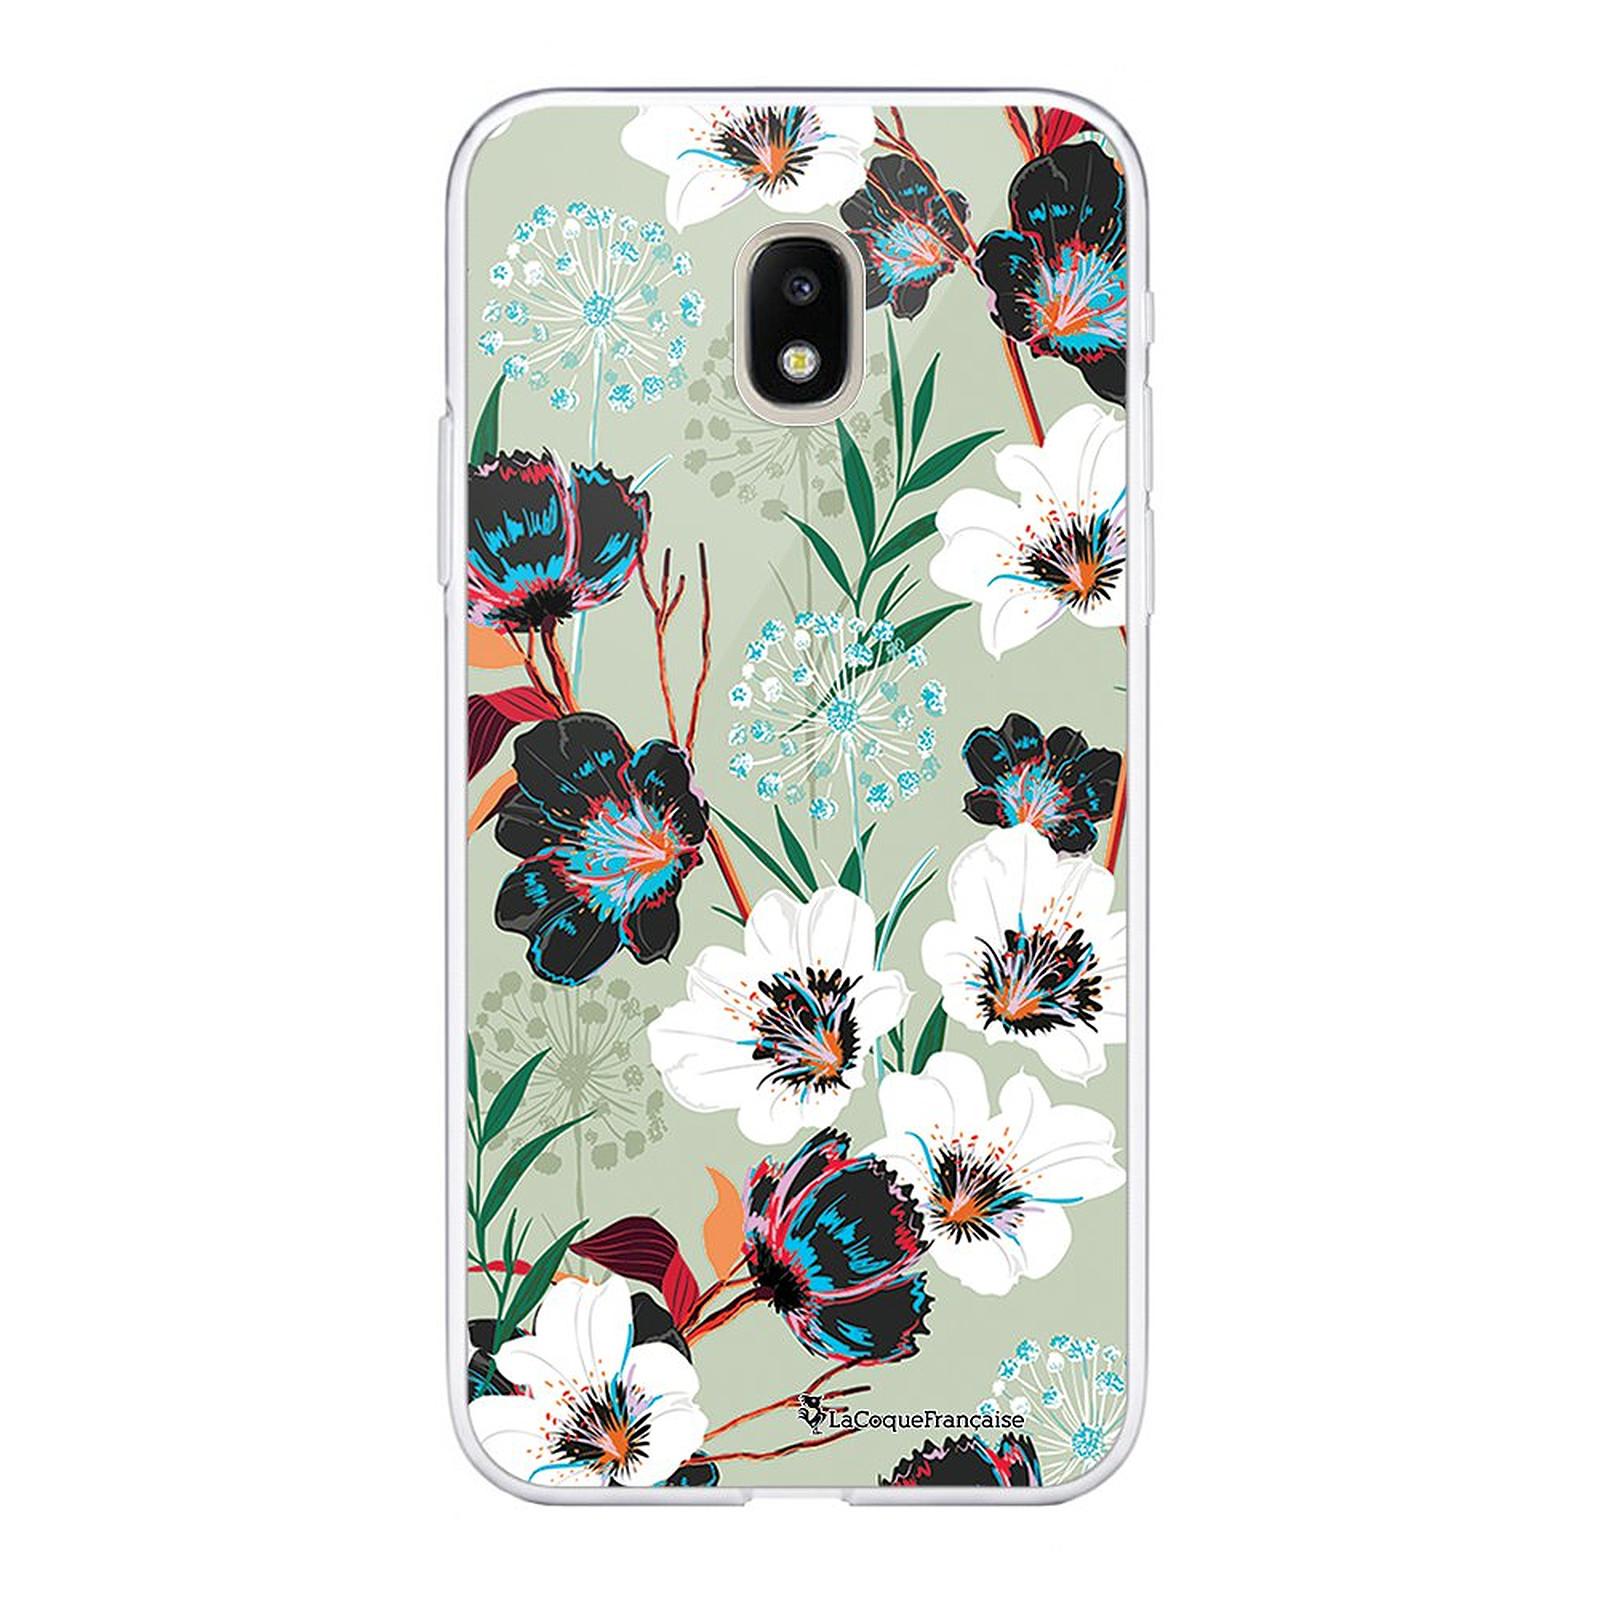 LA COQUE FRANCAISE Coque Samsung Galaxy J3 2017 souple transparente Fleurs vert d'eau - Coque téléphone LaCoqueFrançaise sur LDLC